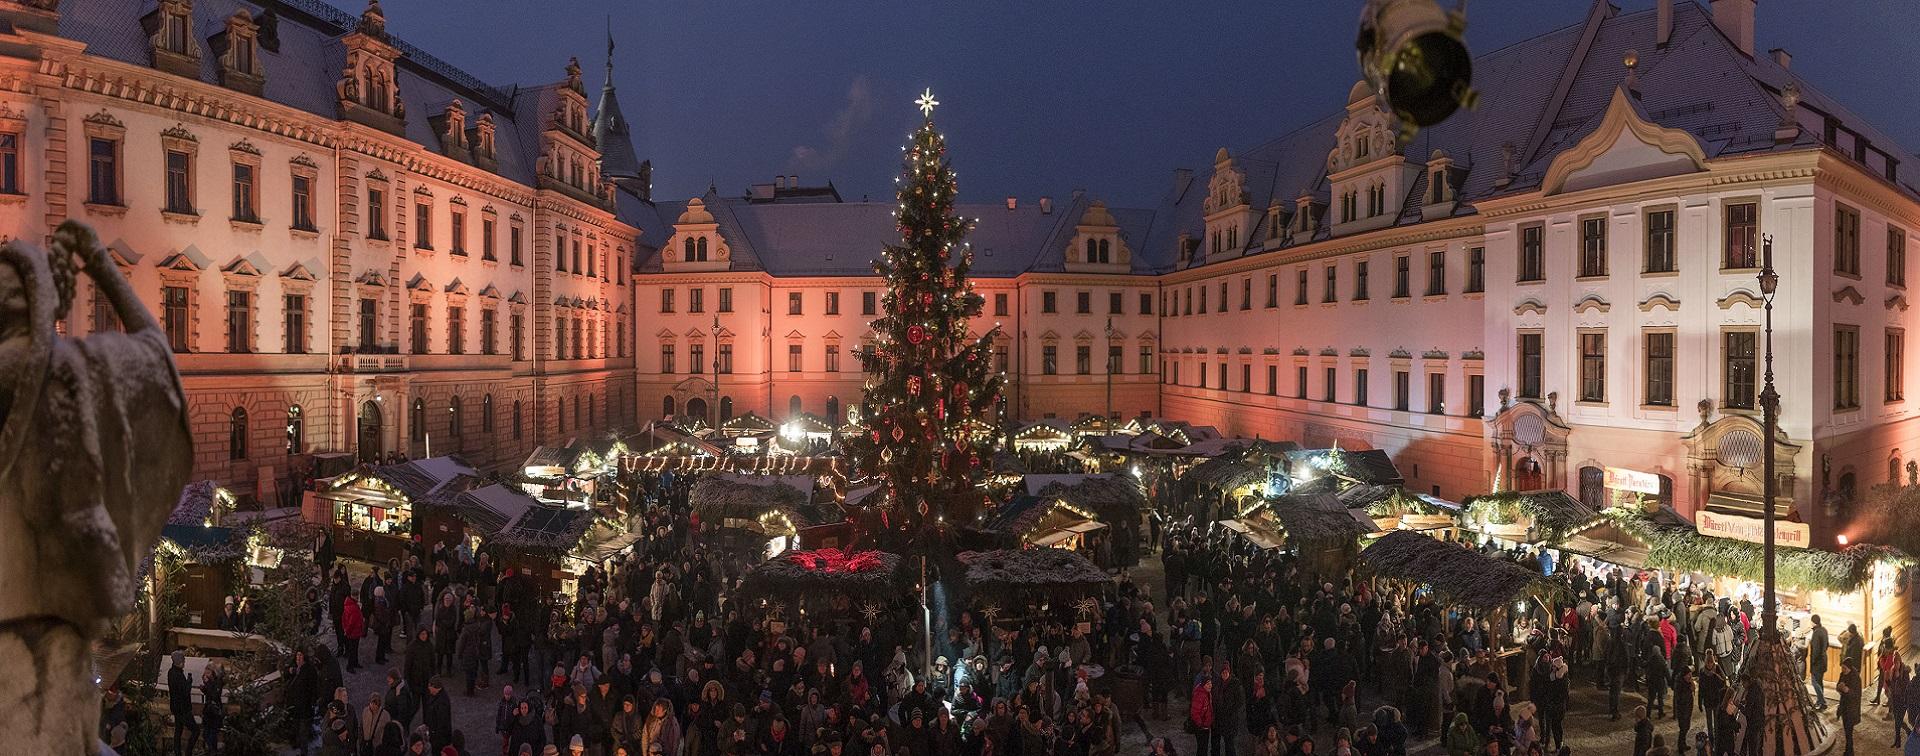 Weihnachtsmarkt Kalender 2019.Romantischer Weihnachtsmarkt Auf Schloss Thurn Und Taxis Regensburg